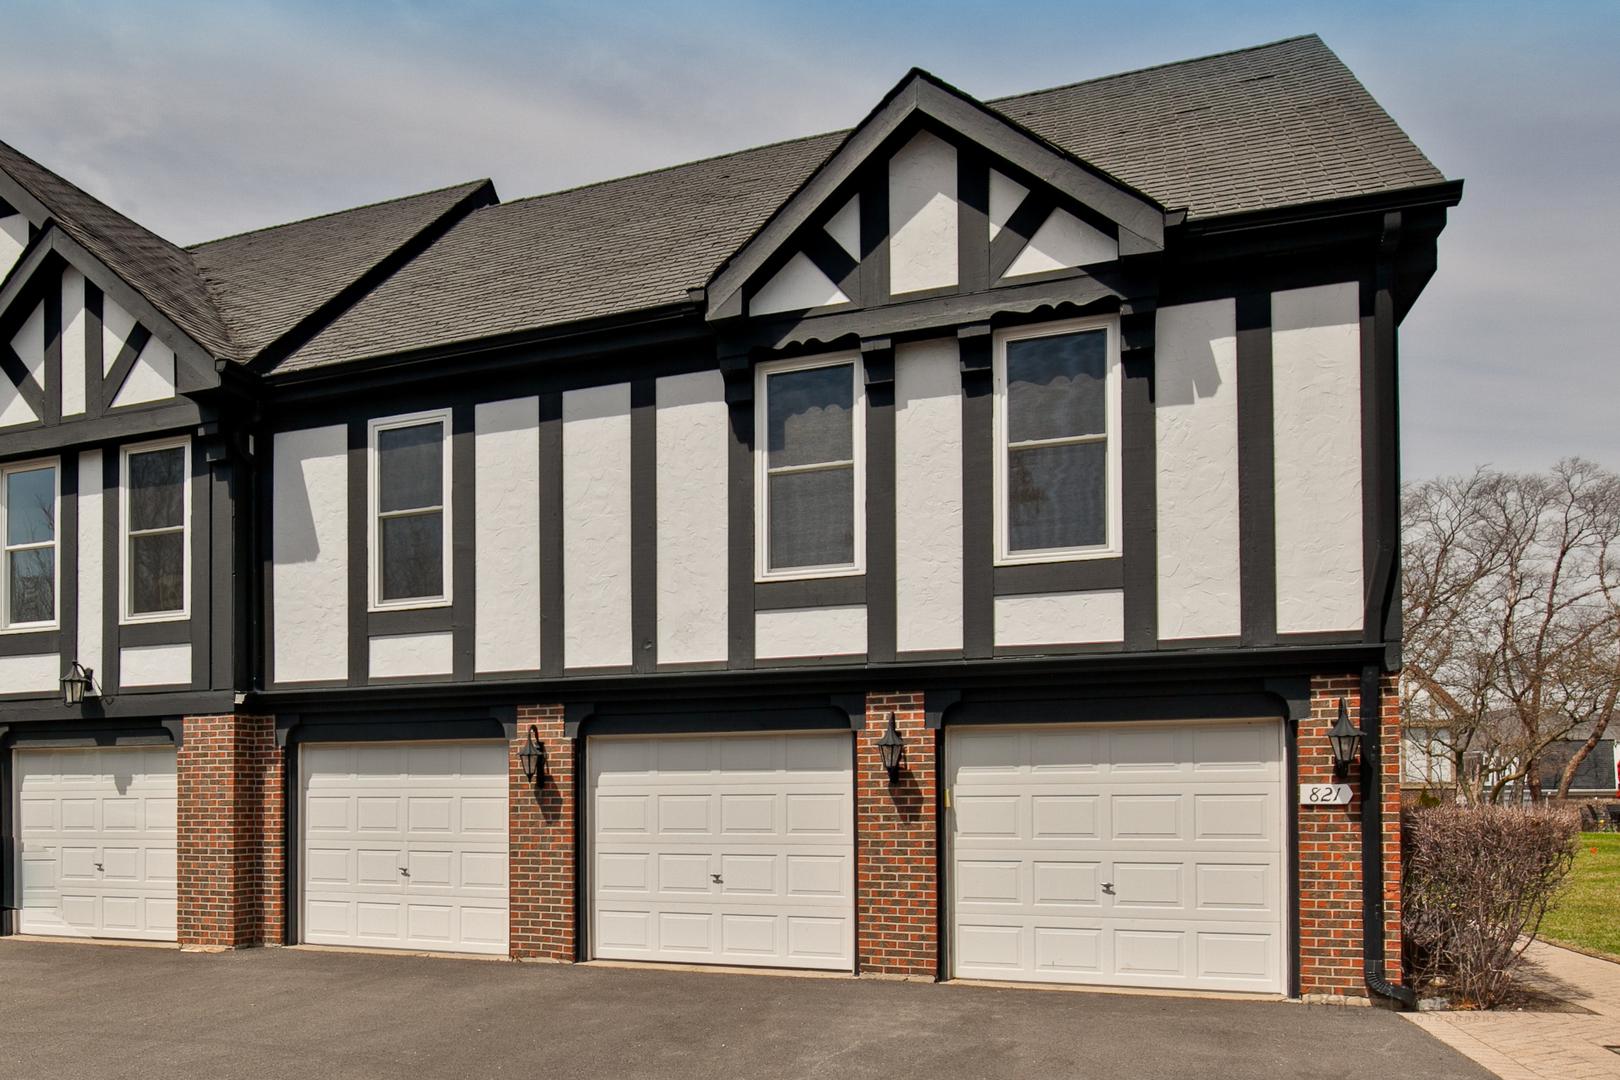 821 Garfield Avenue, Unit C, Libertyville, Illinois 60048